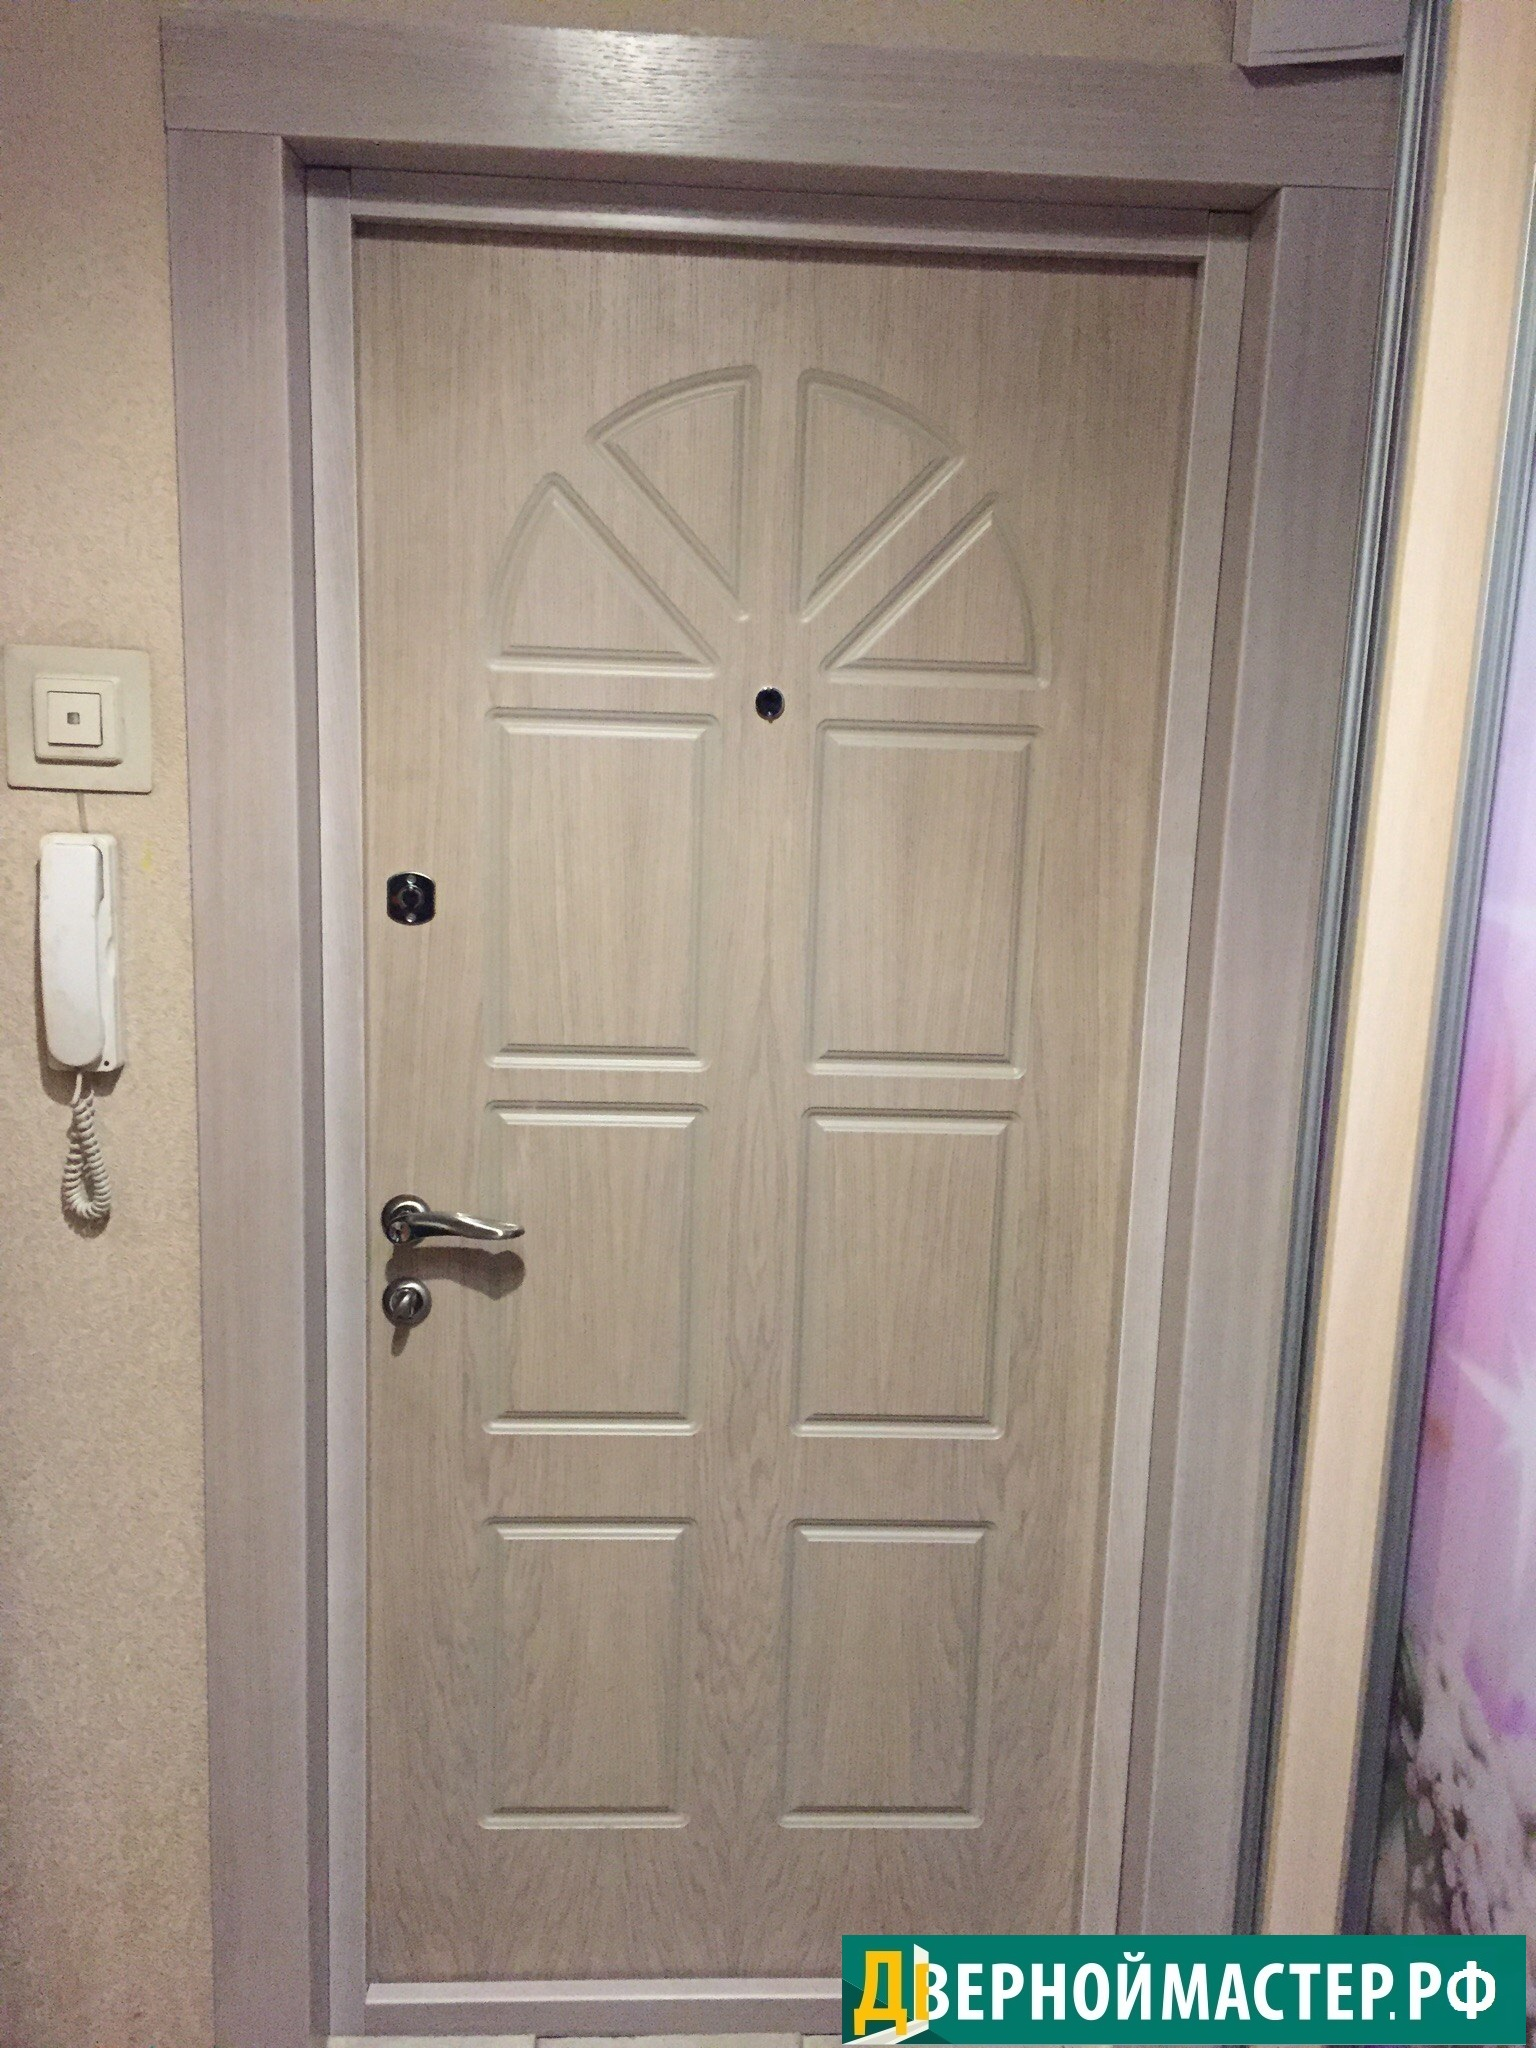 Купить хорошую входную дверь в квартиру по выгодной цене.